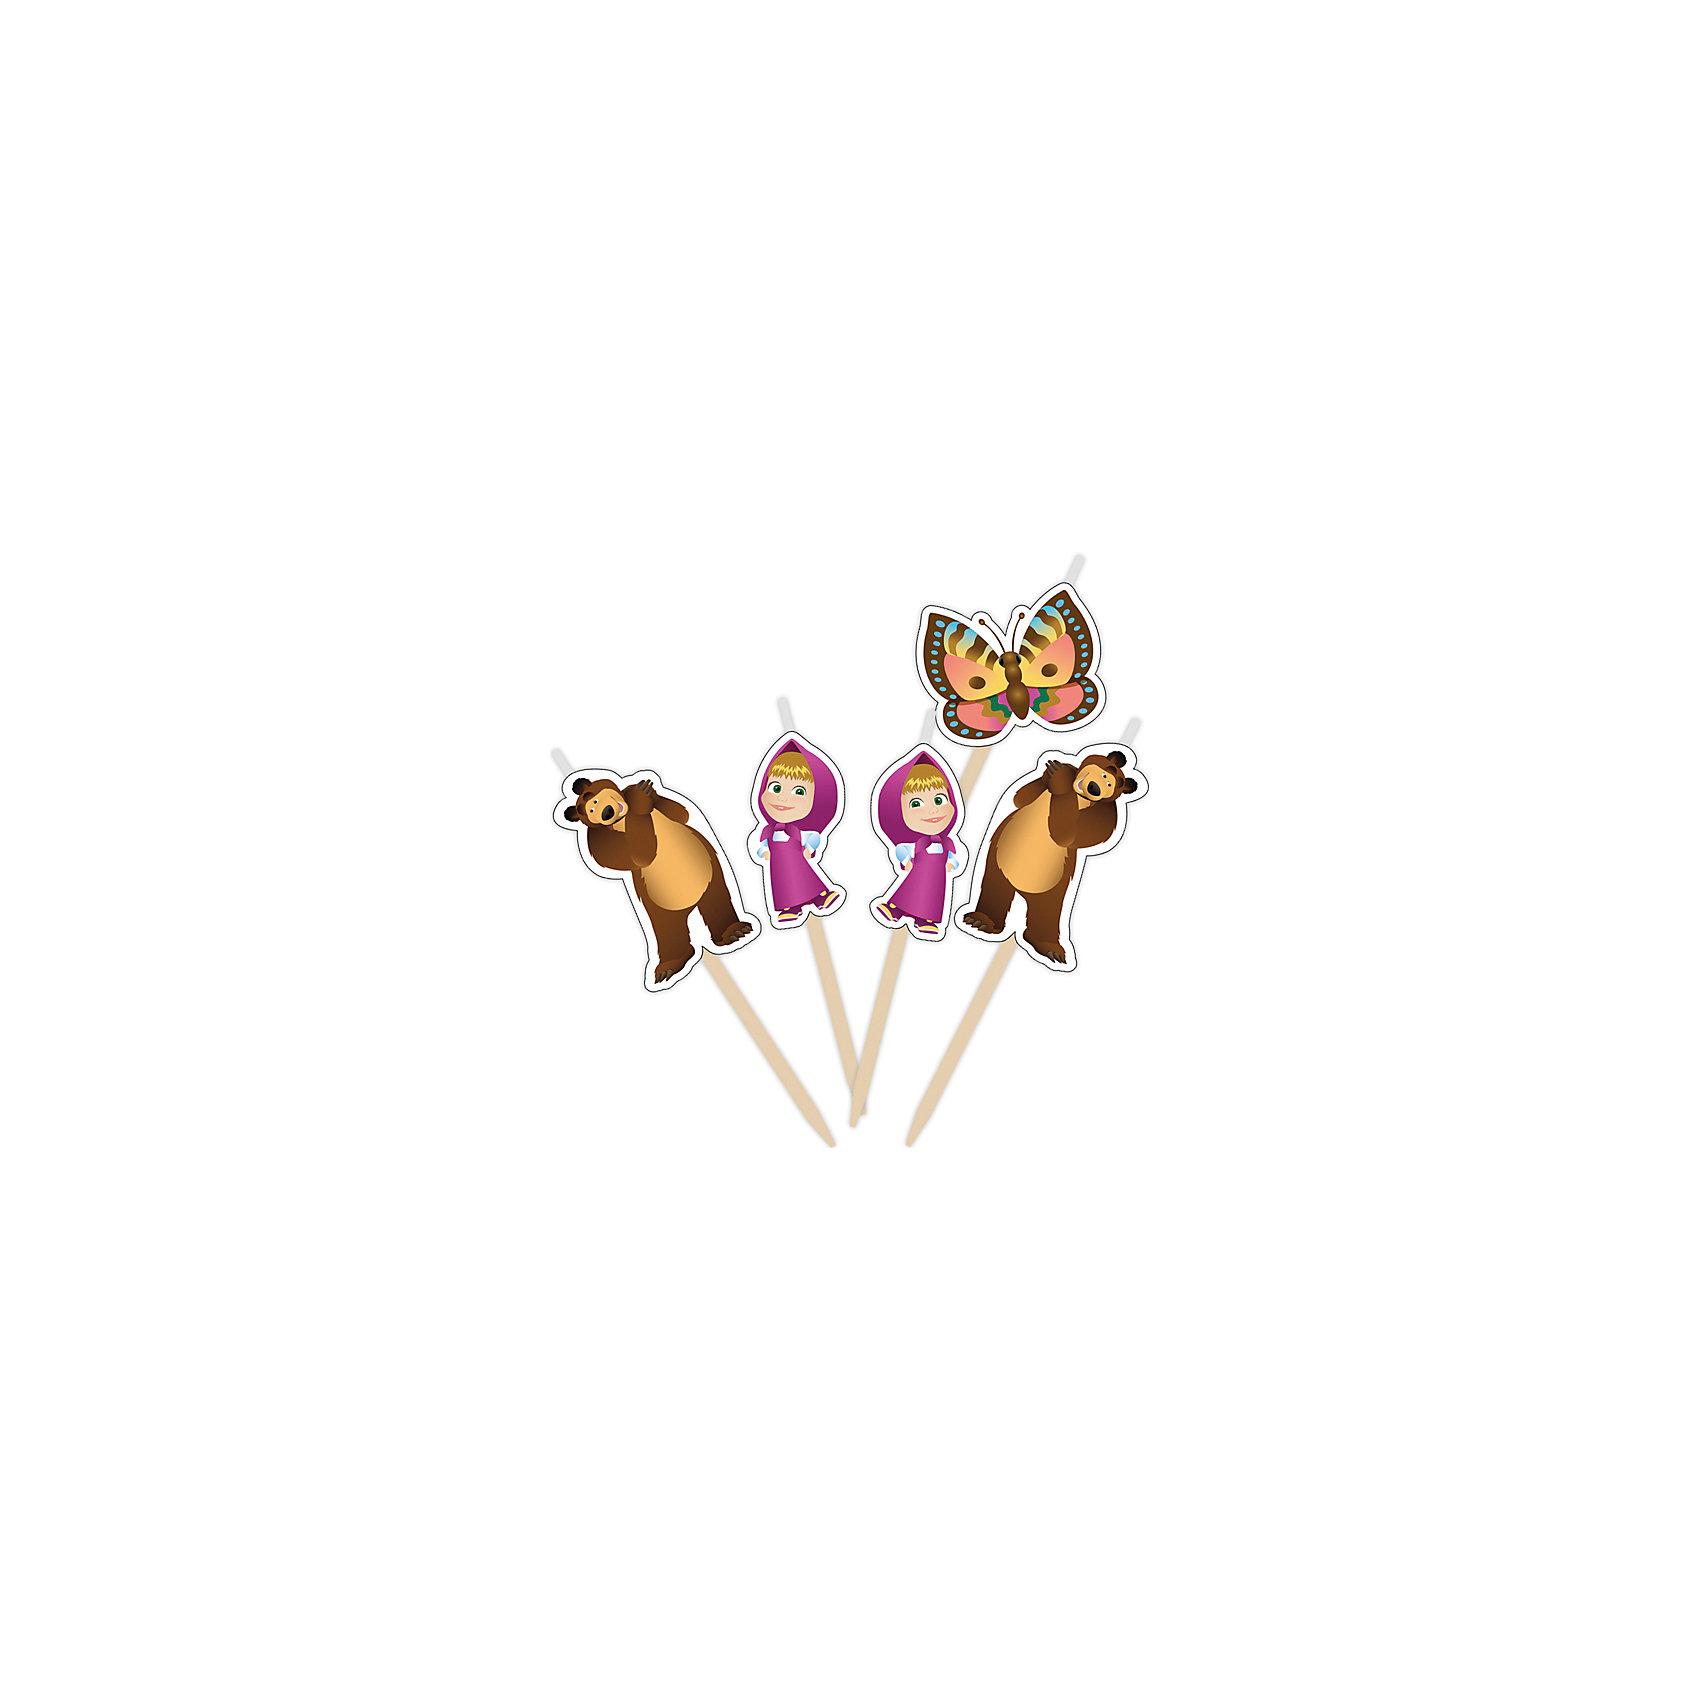 Набор свечей на палочках Маша и Медведь 5 штМаша и Медведь<br>Набор свечей на палочках Маша и Медведь 5 шт – этот набор создаст волшебную атмосферу на любимом детском празднике.<br>Веселые герои мультфильма «Маша и Медведь» желают поздравить вашу малышку с Днем Рождения! Появившись на вкусном праздничном торте в виде очаровательных фигурных свечей, они порадуют именинницу и всех ее гостей. Задувая веселые огоньки на свечах, виновница торжества сможет загадать свое самое заветное желание, которое обязательно исполнится!<br><br>Дополнительная информация:<br><br>- В наборе: 5 фигурных свечей для торта (фигурка Маши – 2 шт., фигурка Медведя – 2 шт., фигурка бабочки – 1 шт)<br>- Держатели деревянные<br>- Высота свечей: 2,8-3,5 см.<br>- Материал: стеарин, дерево<br>- Срок годности: 5 лет<br><br>Набор свечей на палочках Маша и Медведь 5 шт можно купить в нашем интернет-магазине.<br><br>Ширина мм: 60<br>Глубина мм: 60<br>Высота мм: 10<br>Вес г: 80<br>Возраст от месяцев: 36<br>Возраст до месяцев: 84<br>Пол: Женский<br>Возраст: Детский<br>SKU: 4278343